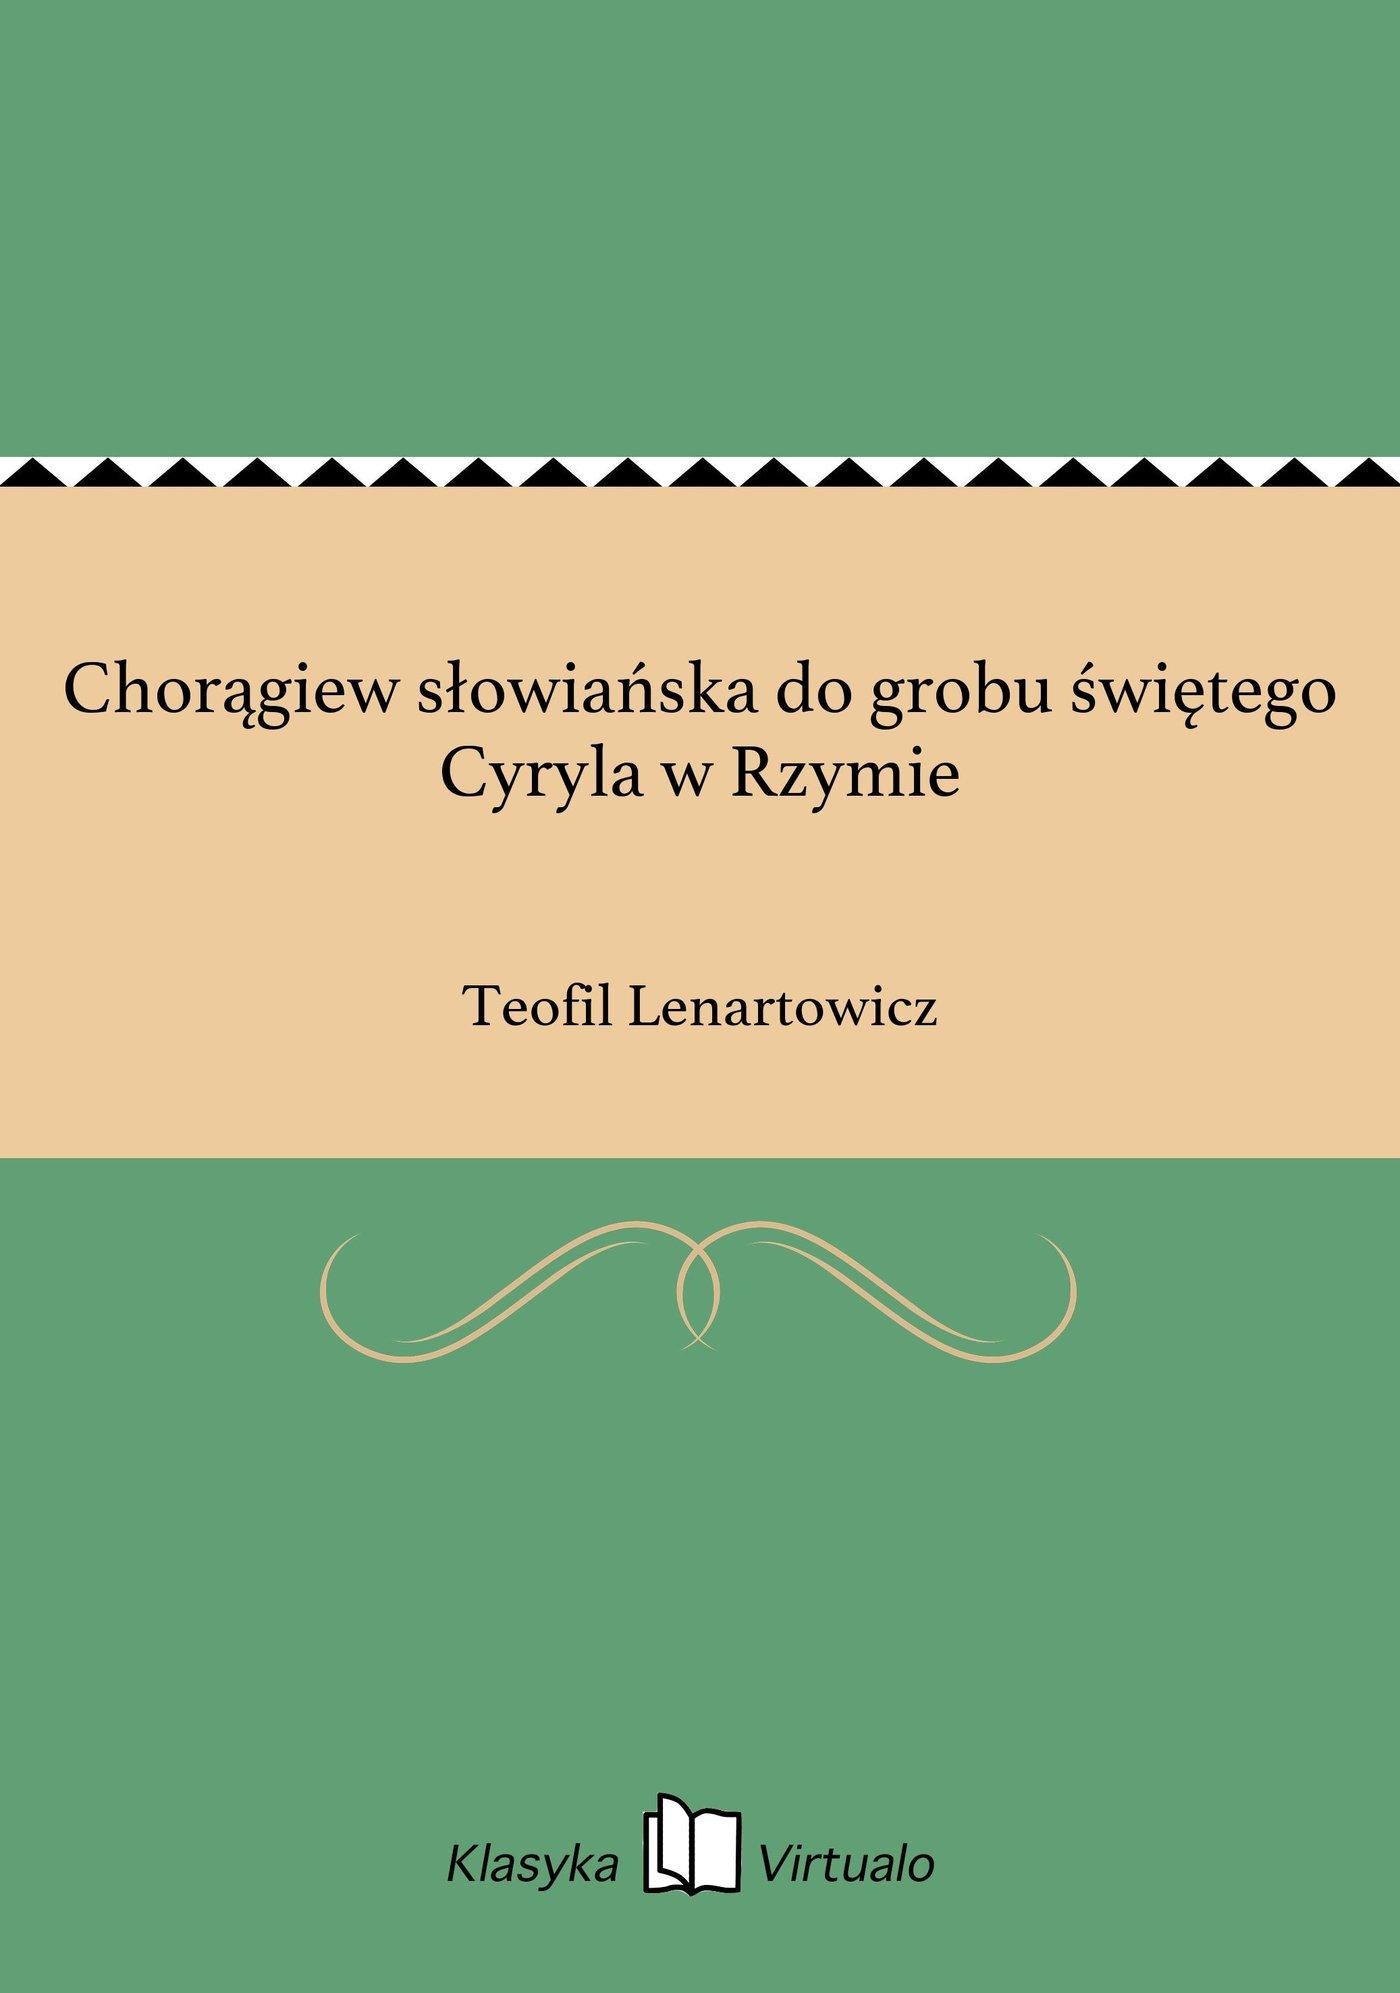 Chorągiew słowiańska do grobu świętego Cyryla w Rzymie - Ebook (Książka EPUB) do pobrania w formacie EPUB